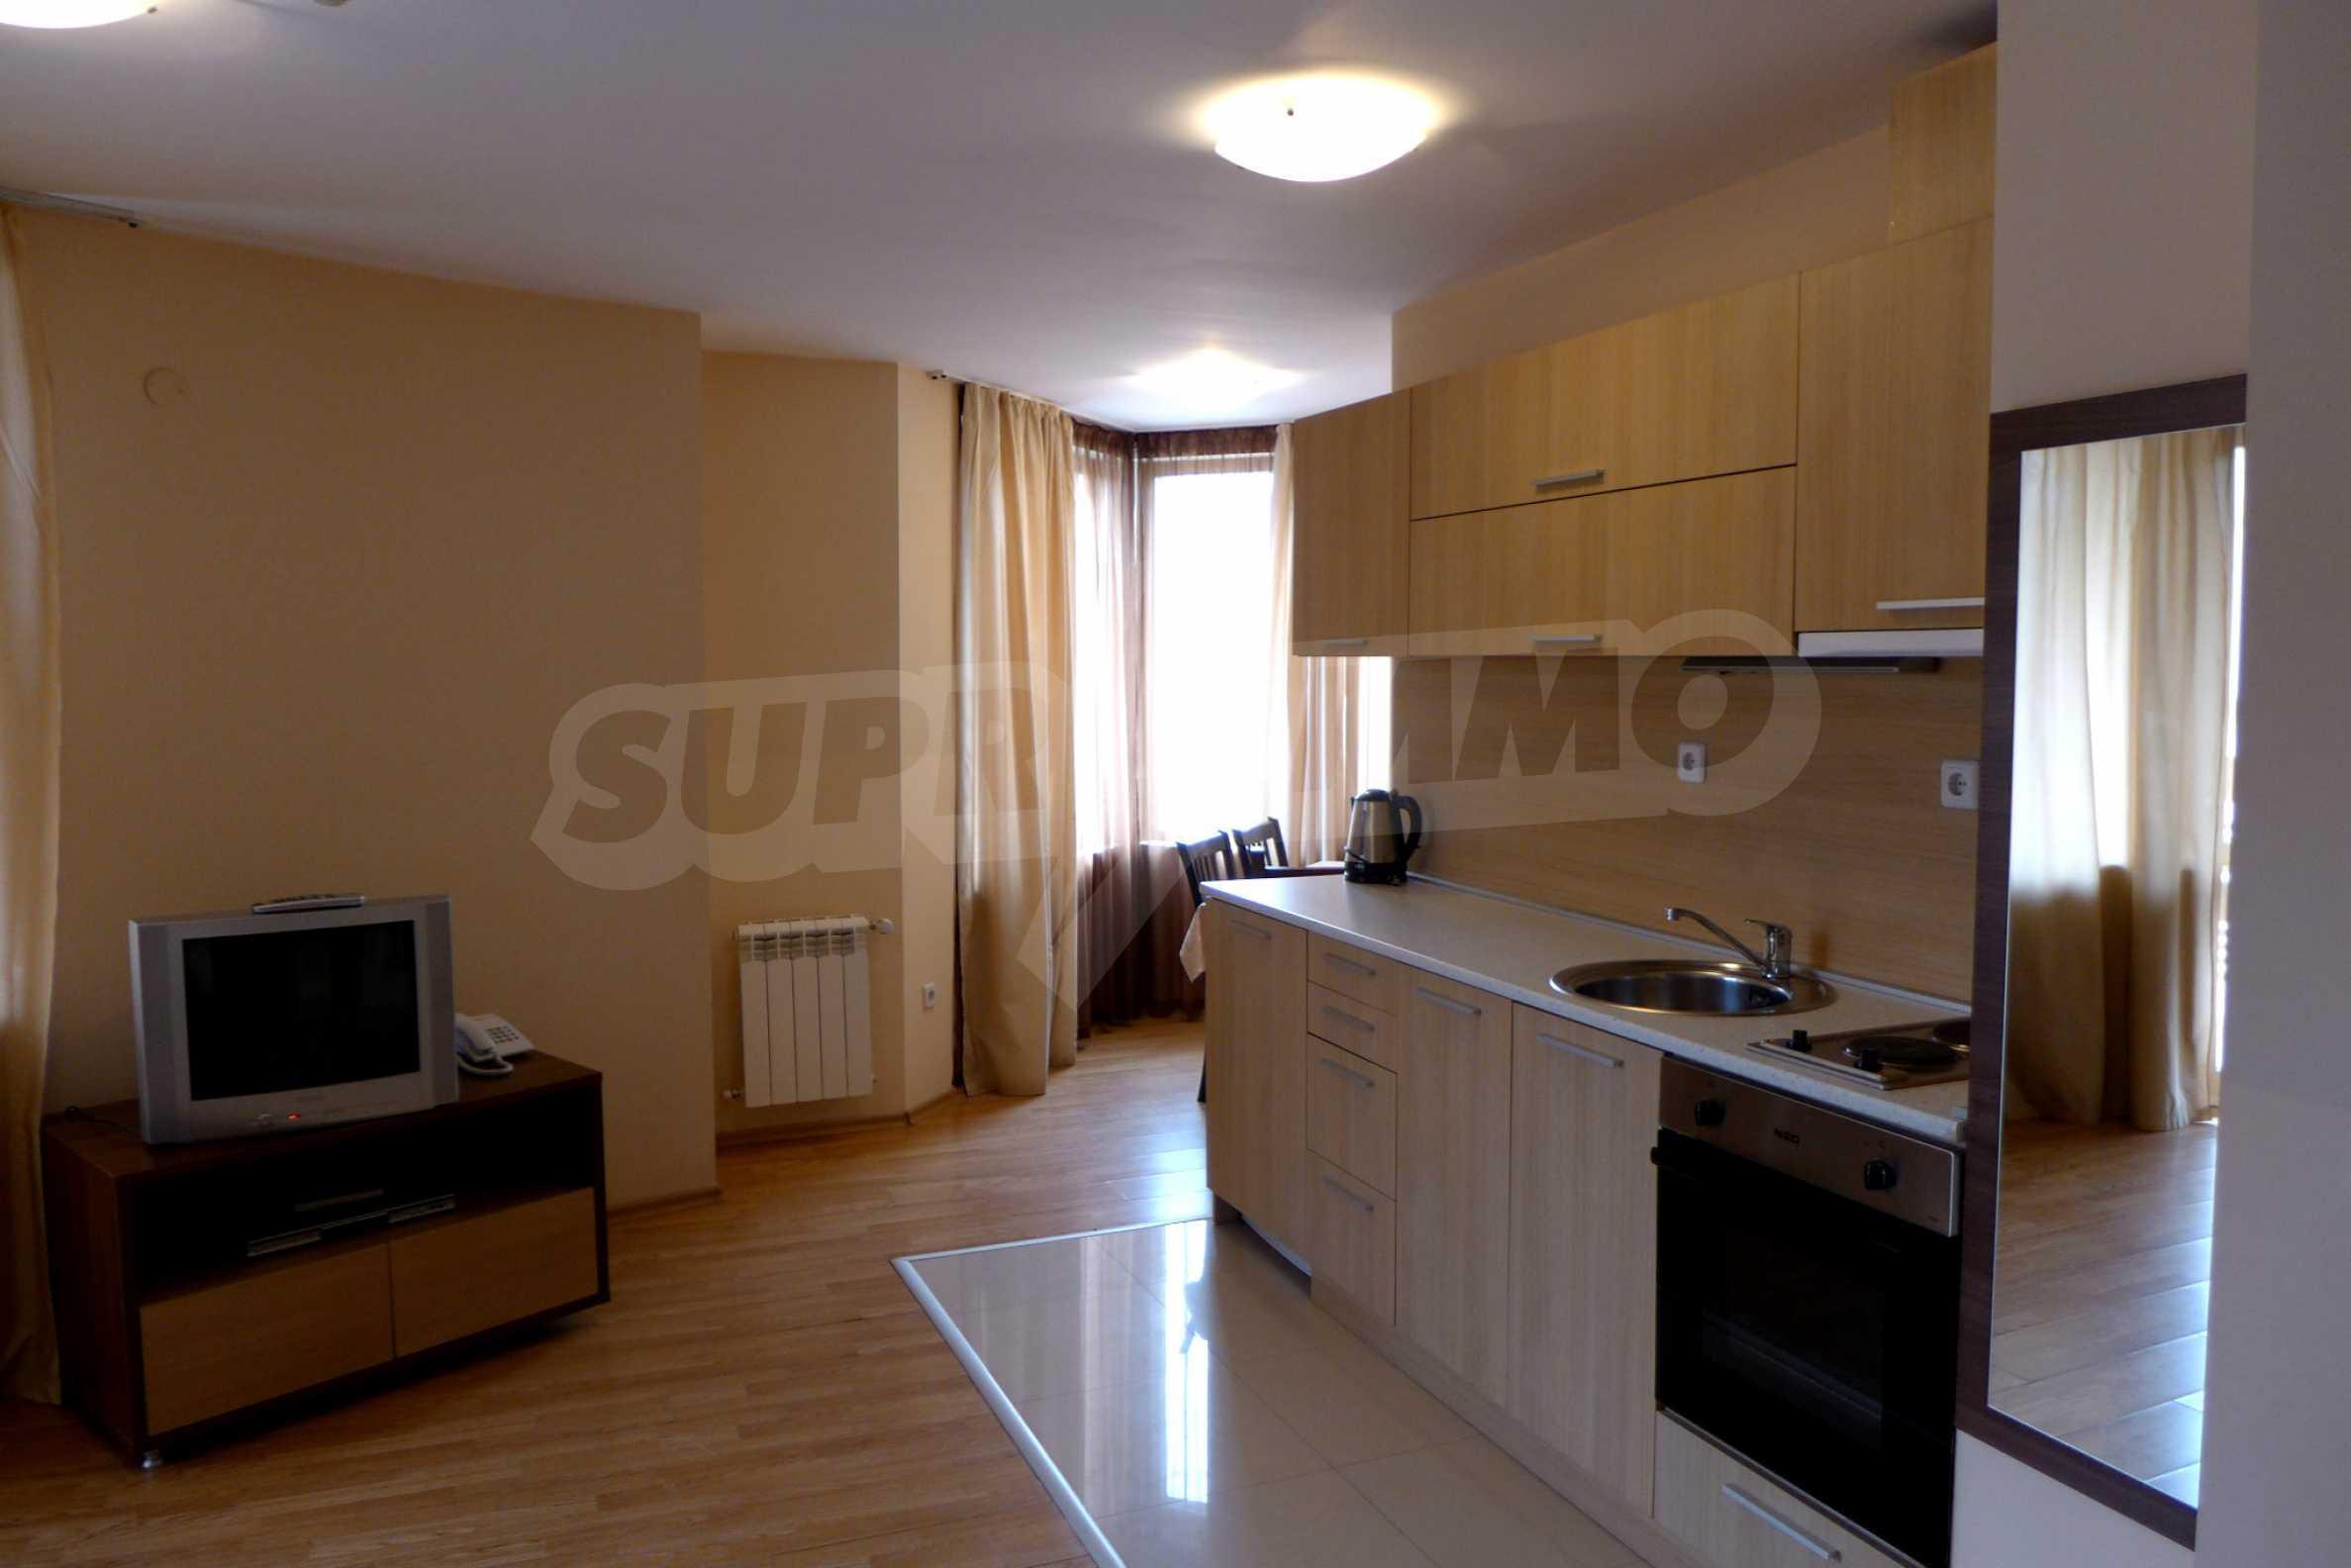 Ein-Zimmer-Wohnung in Redenka Palace 1